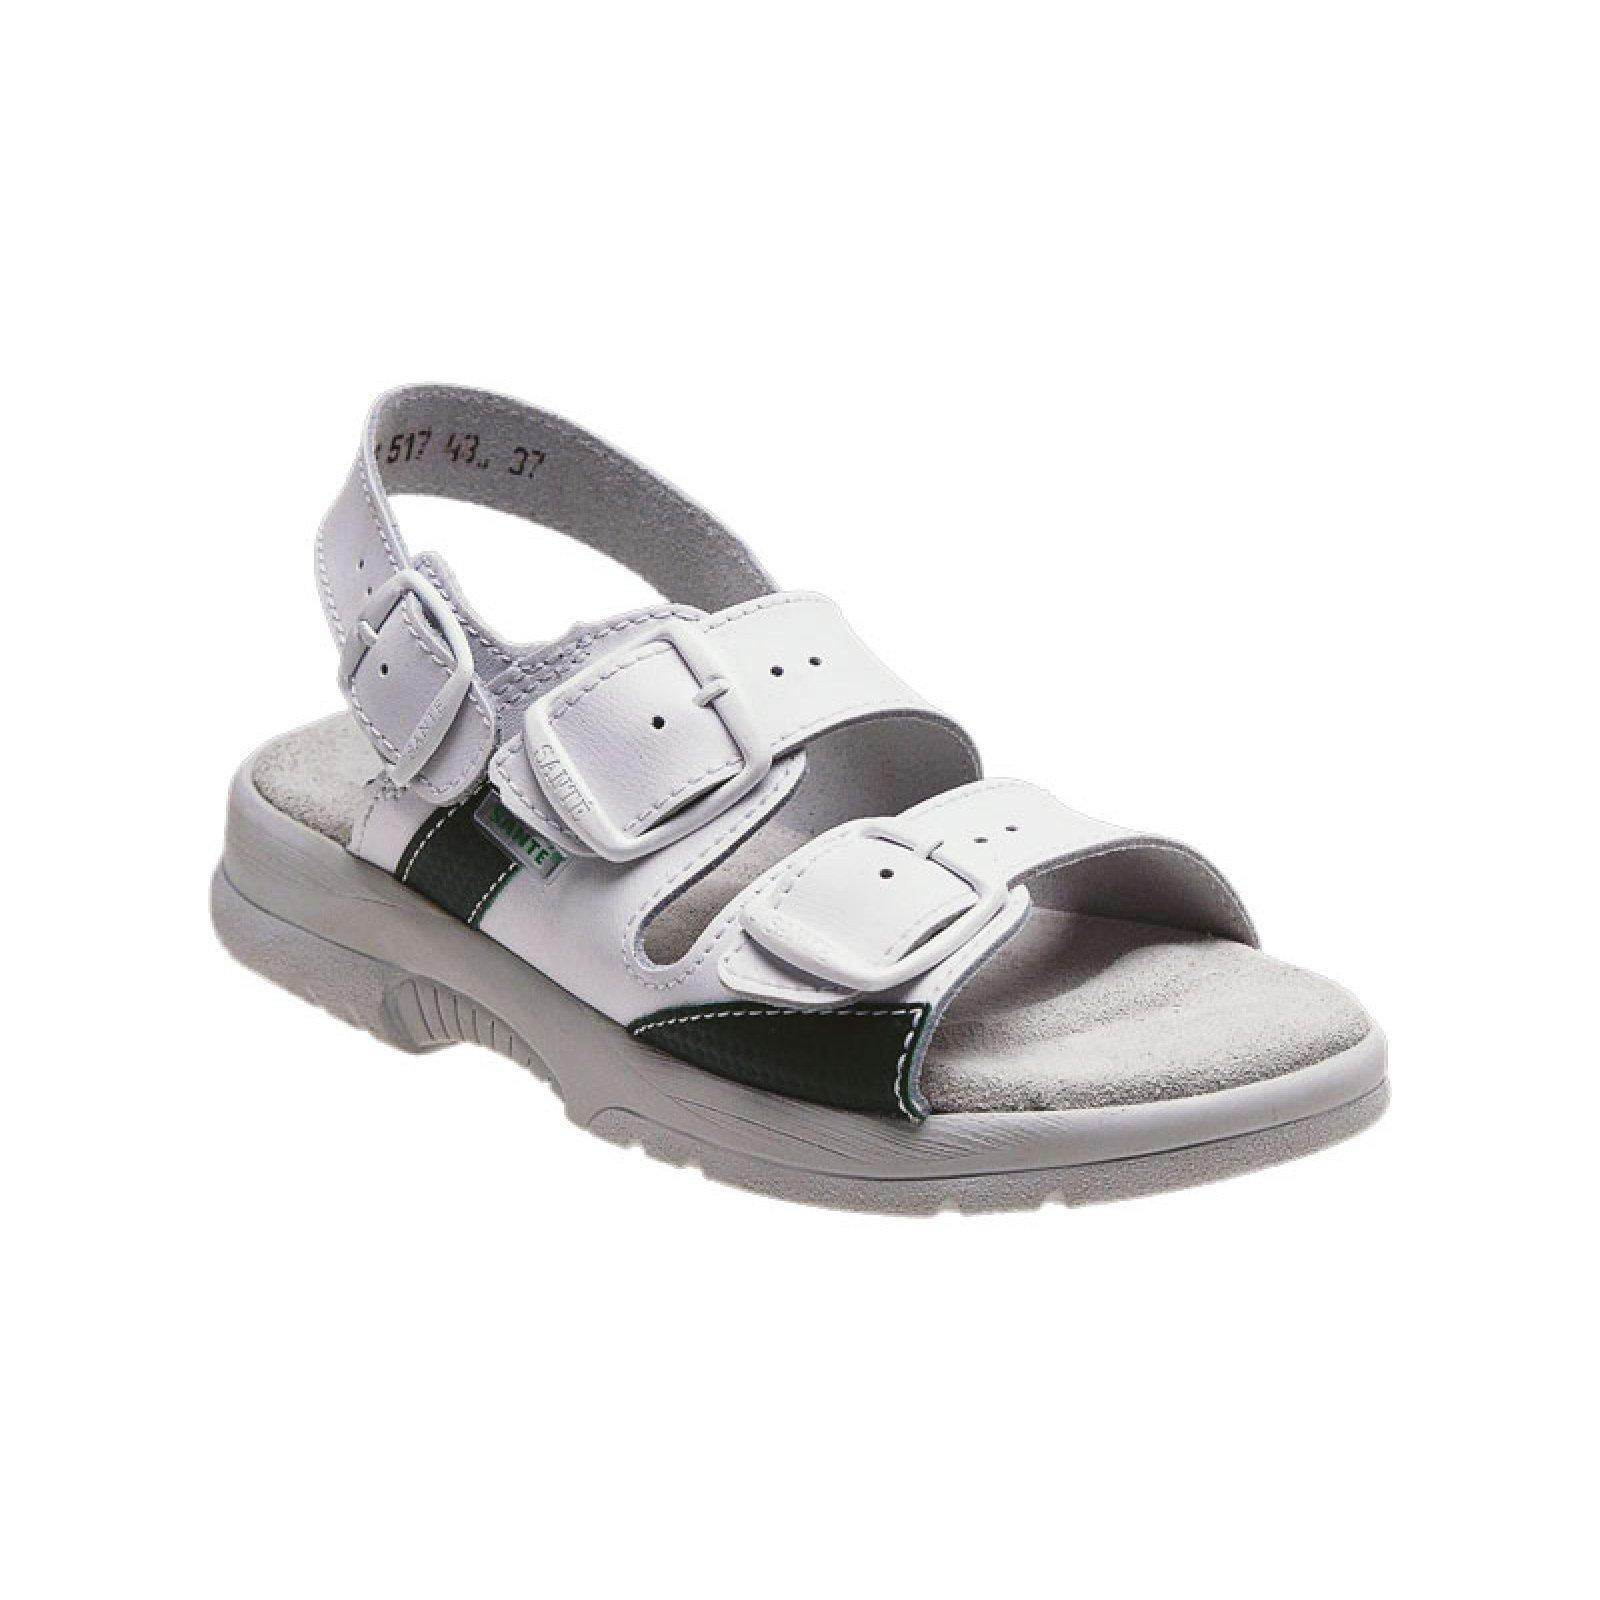 908dc0da388 dámské sandály Santé 517 43 bílé